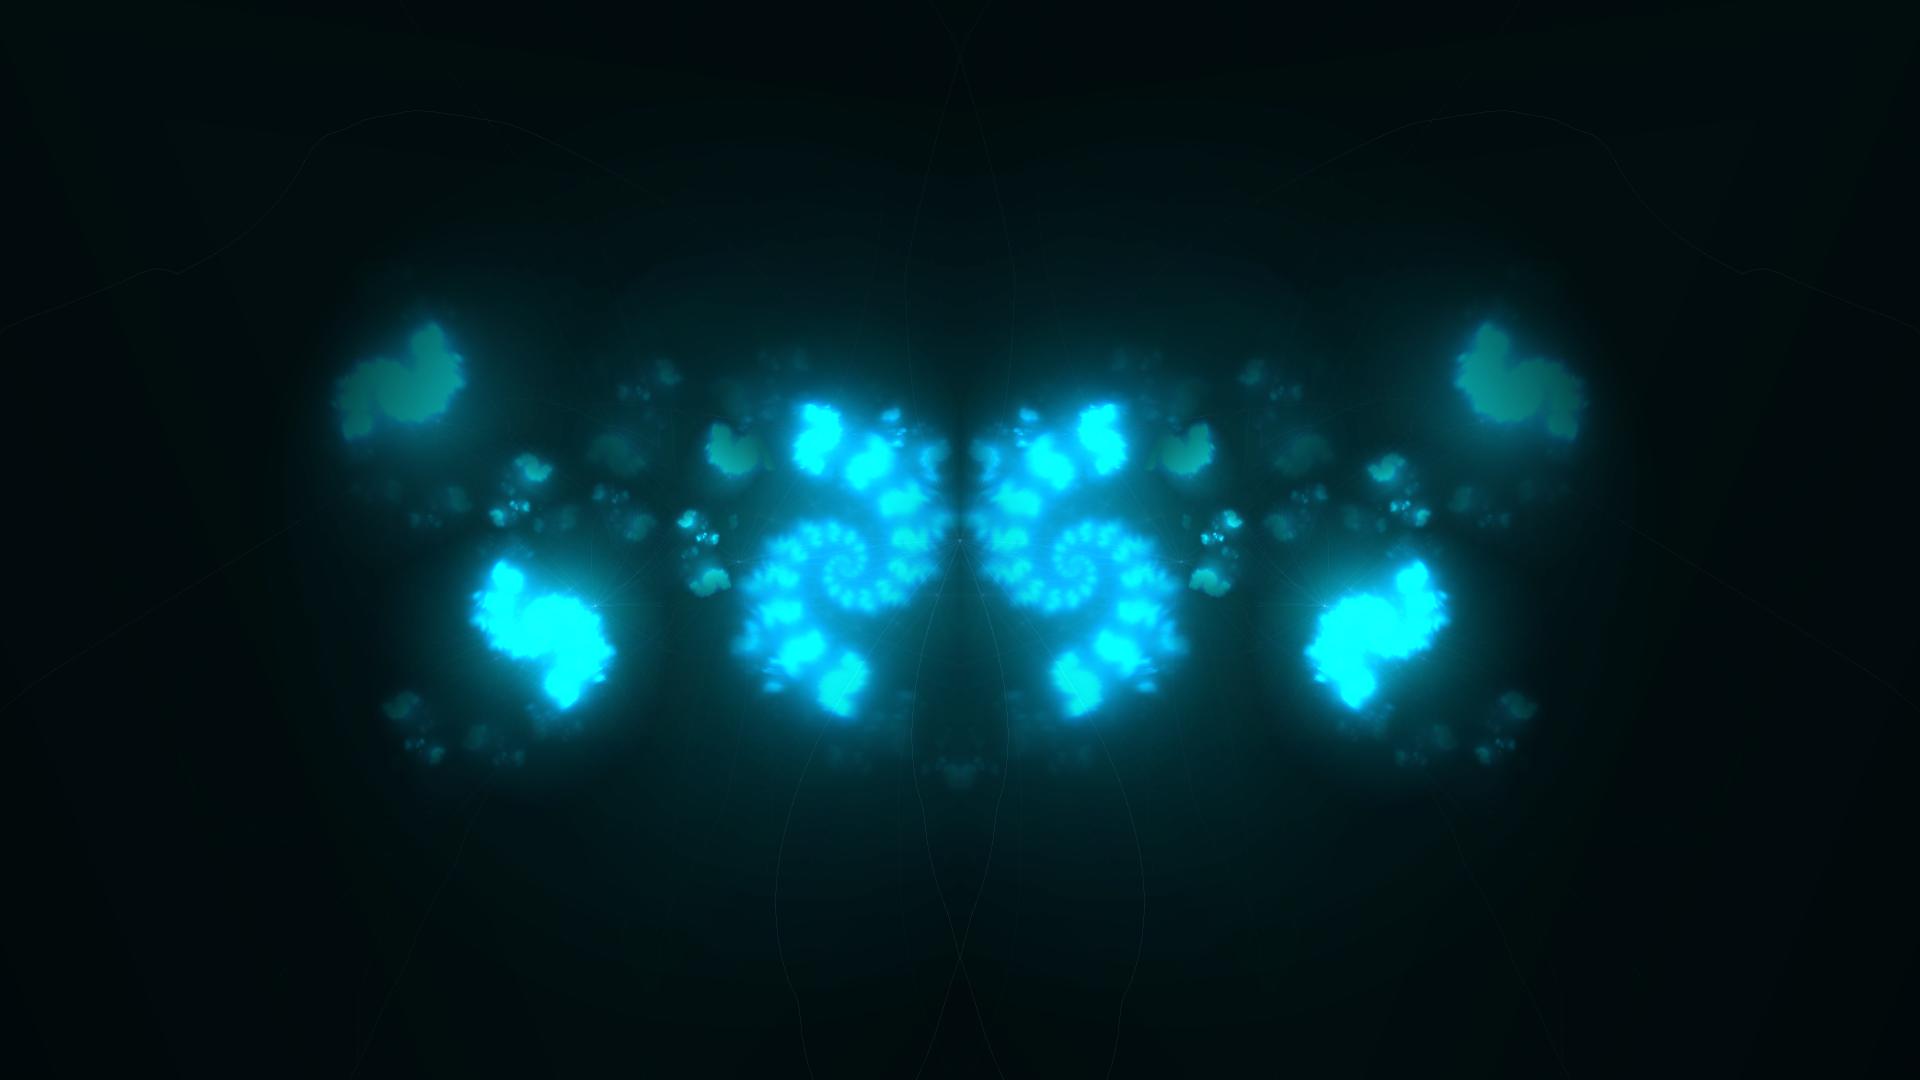 Abstract Blue Dark Lights Fractals 1080p HD Wallpaper Widescreen HD 1920x1080